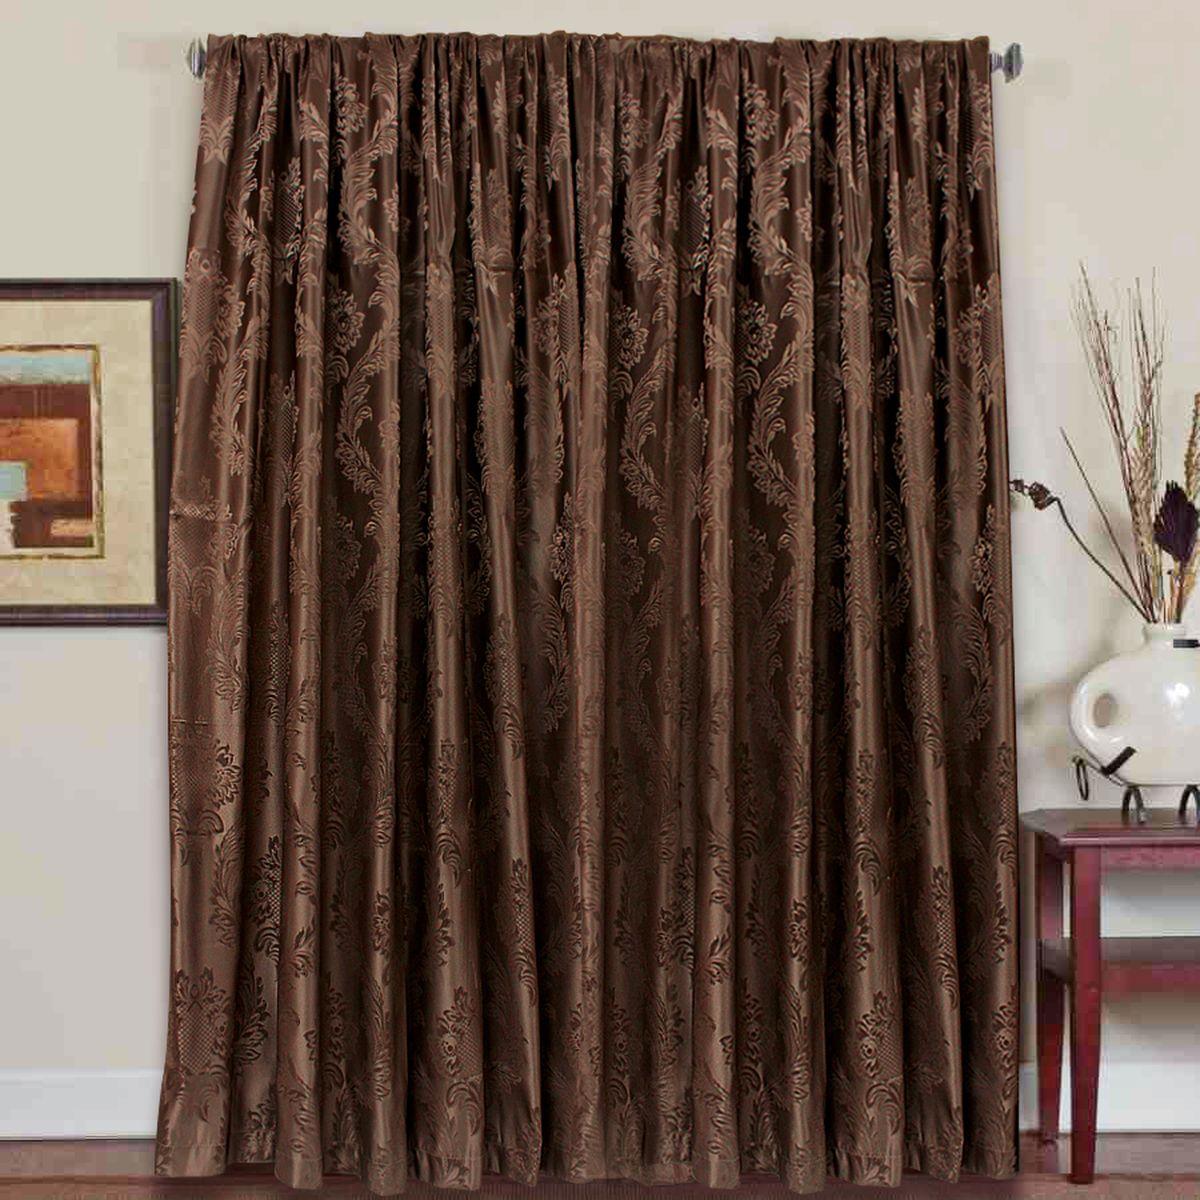 Штора Amore Mio, на ленте, цвет: коричневый, высота 270 см. 7762877628Штора на ленте Amore Mio с изящным узором вензель украсит любое окно. Рельефный рисунок имеет изысканный блеск. Изделие изготовлено из 100% полиэстера. Полиэстер - вид ткани, состоящий из полиэфирных волокон. Ткани из полиэстера легкие, прочные и износостойкие. Такие изделия не требуют специального ухода, не пылятся и почти не мнутся.